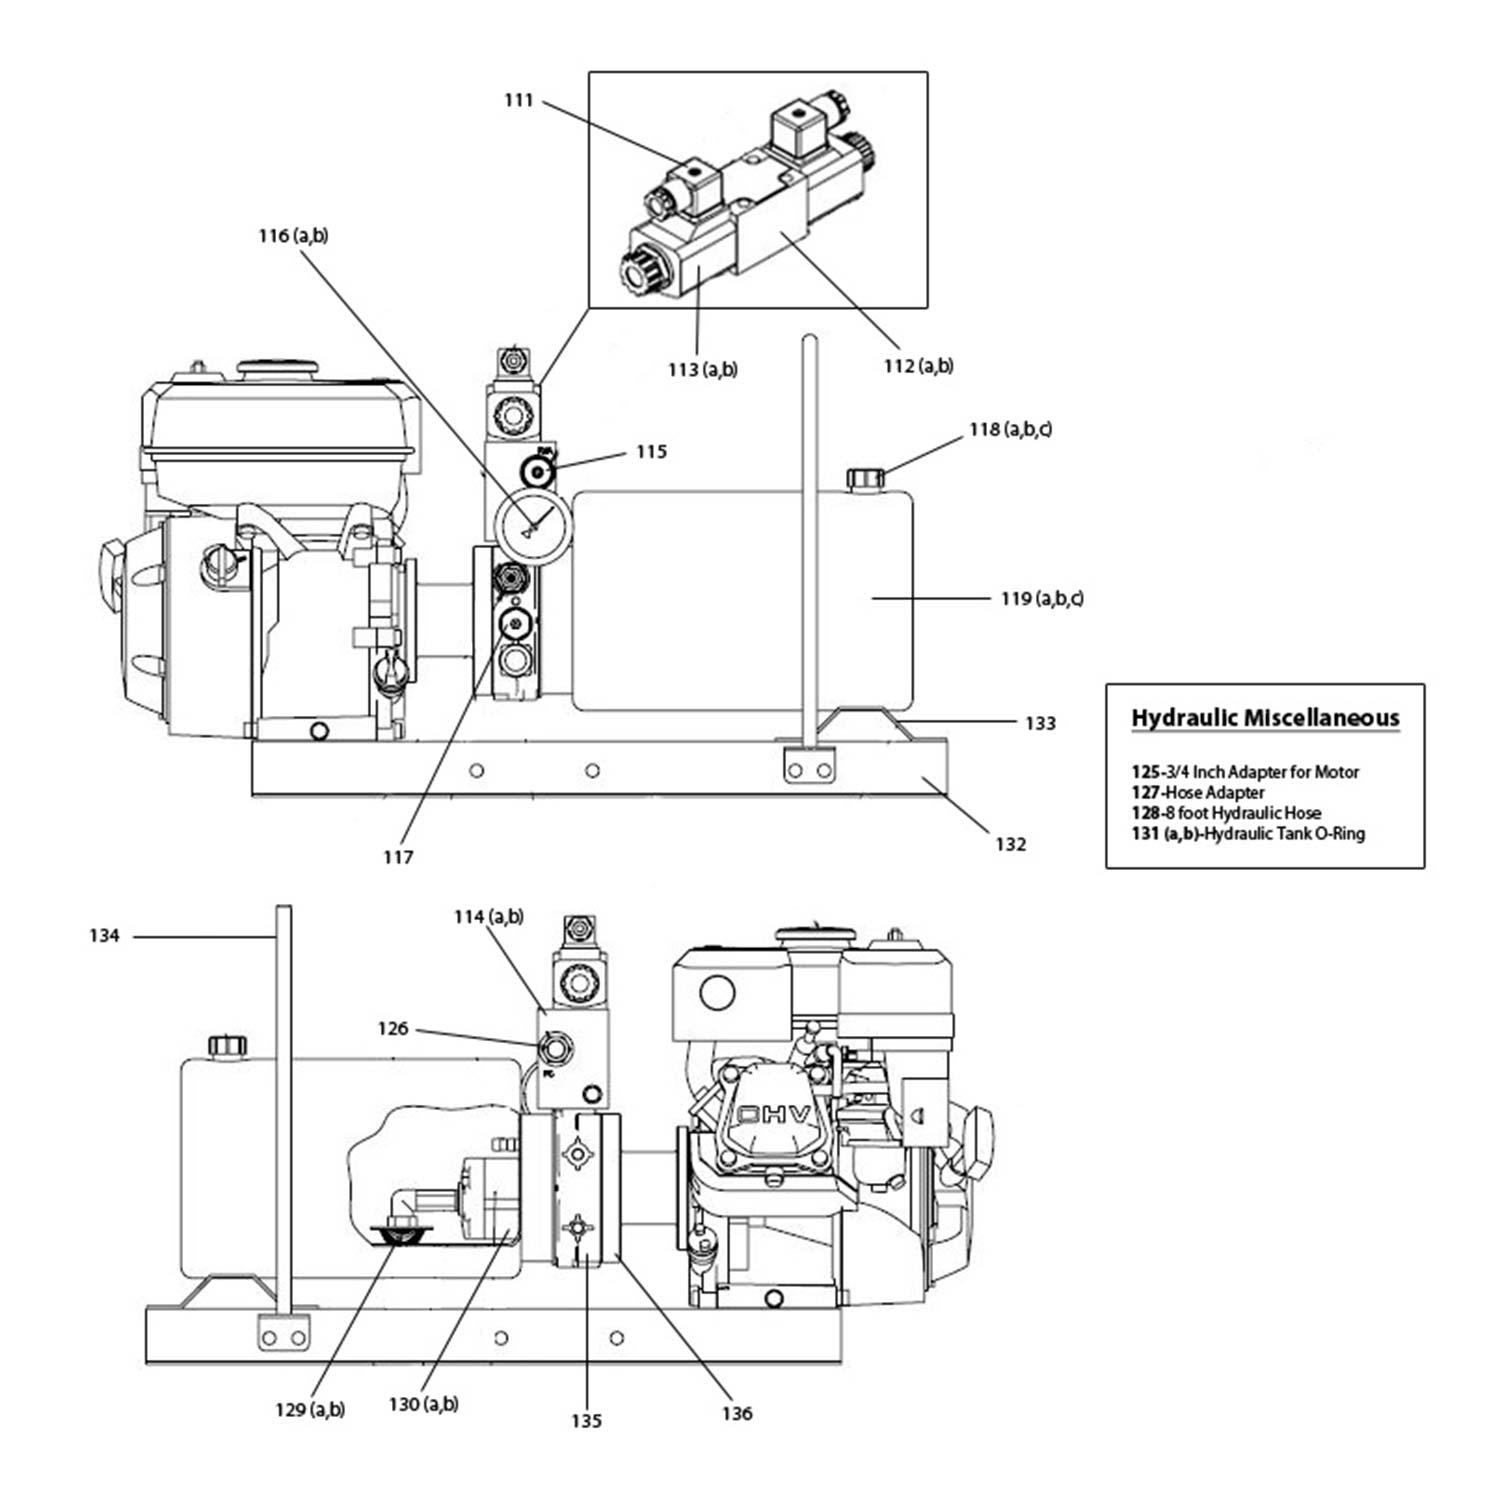 Wintex 1000 - Hydraulics